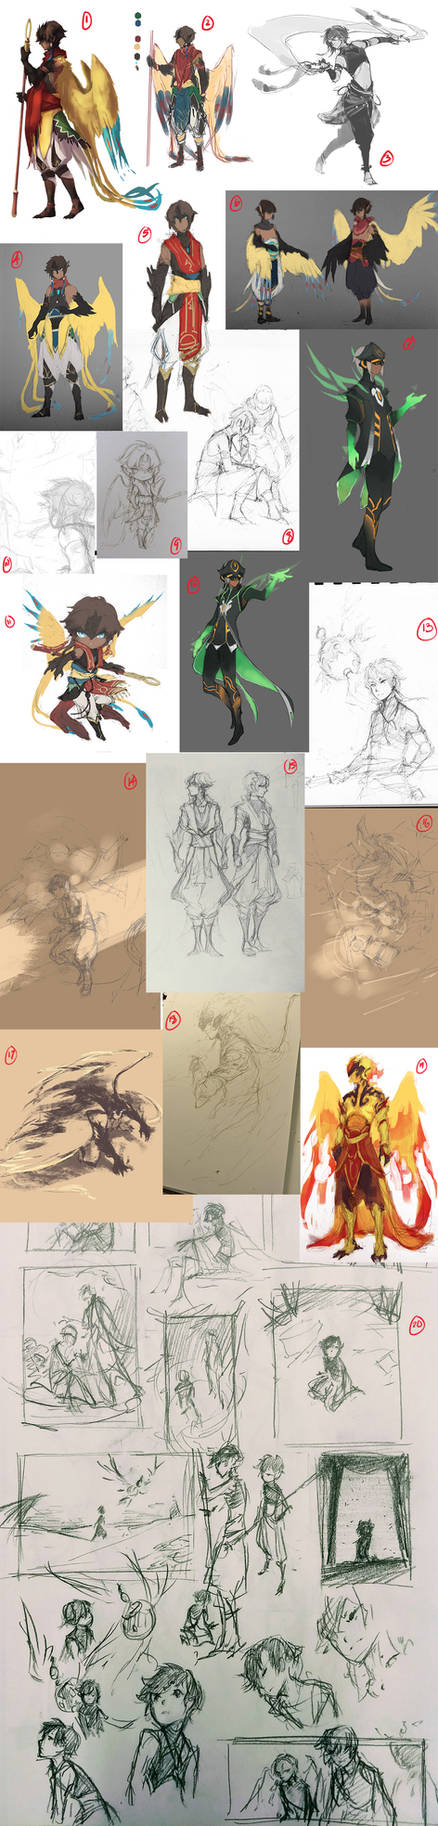 P-REN Sketchdump 1